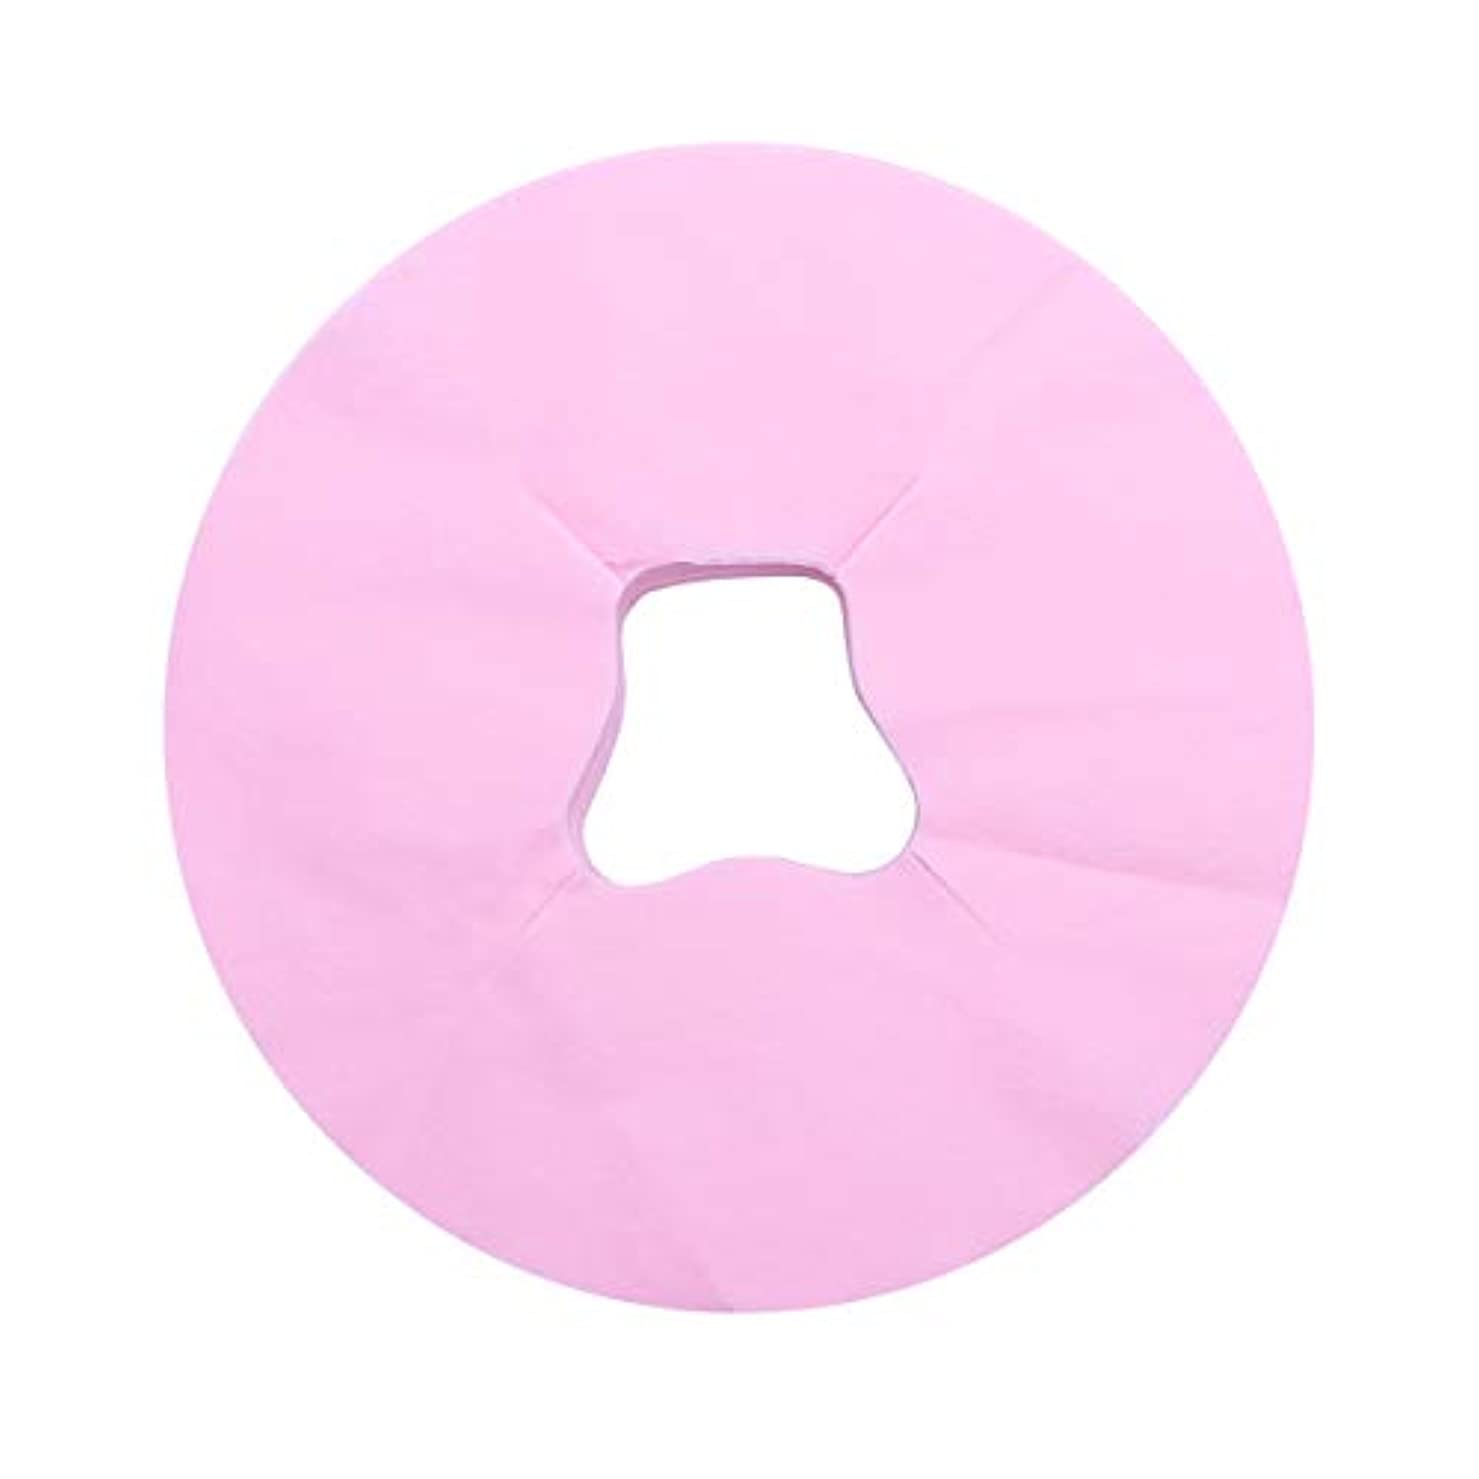 ここに以上祈りHealifty 100シートマッサージフェイスピローカバー使い捨てフェイスカバーパッドフェイスホールピローフェイシャルベッドサロンスパヘッドレストピローシート(ピンク)